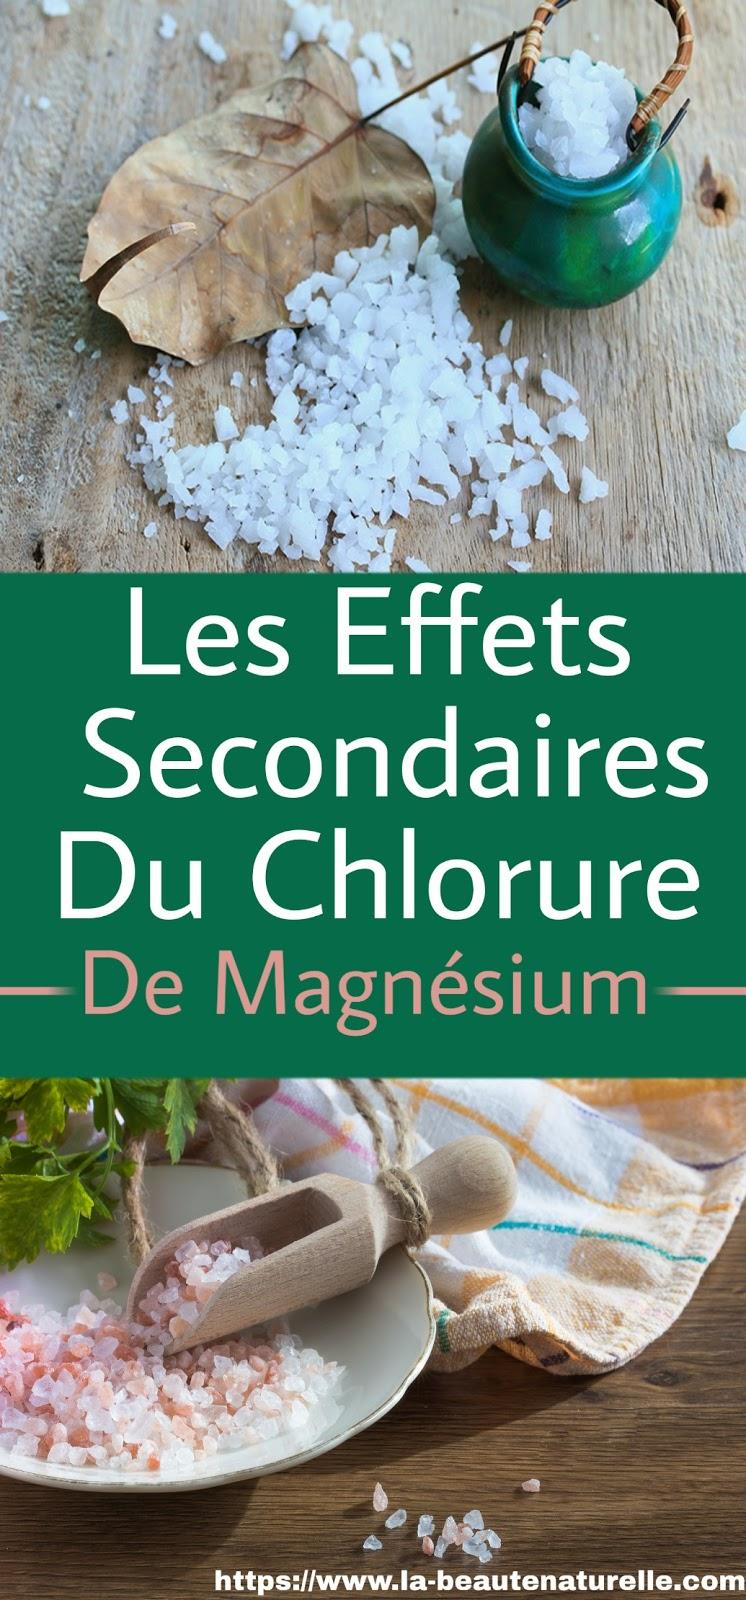 Les Effets Secondaires Du Chlorure De Magnésium